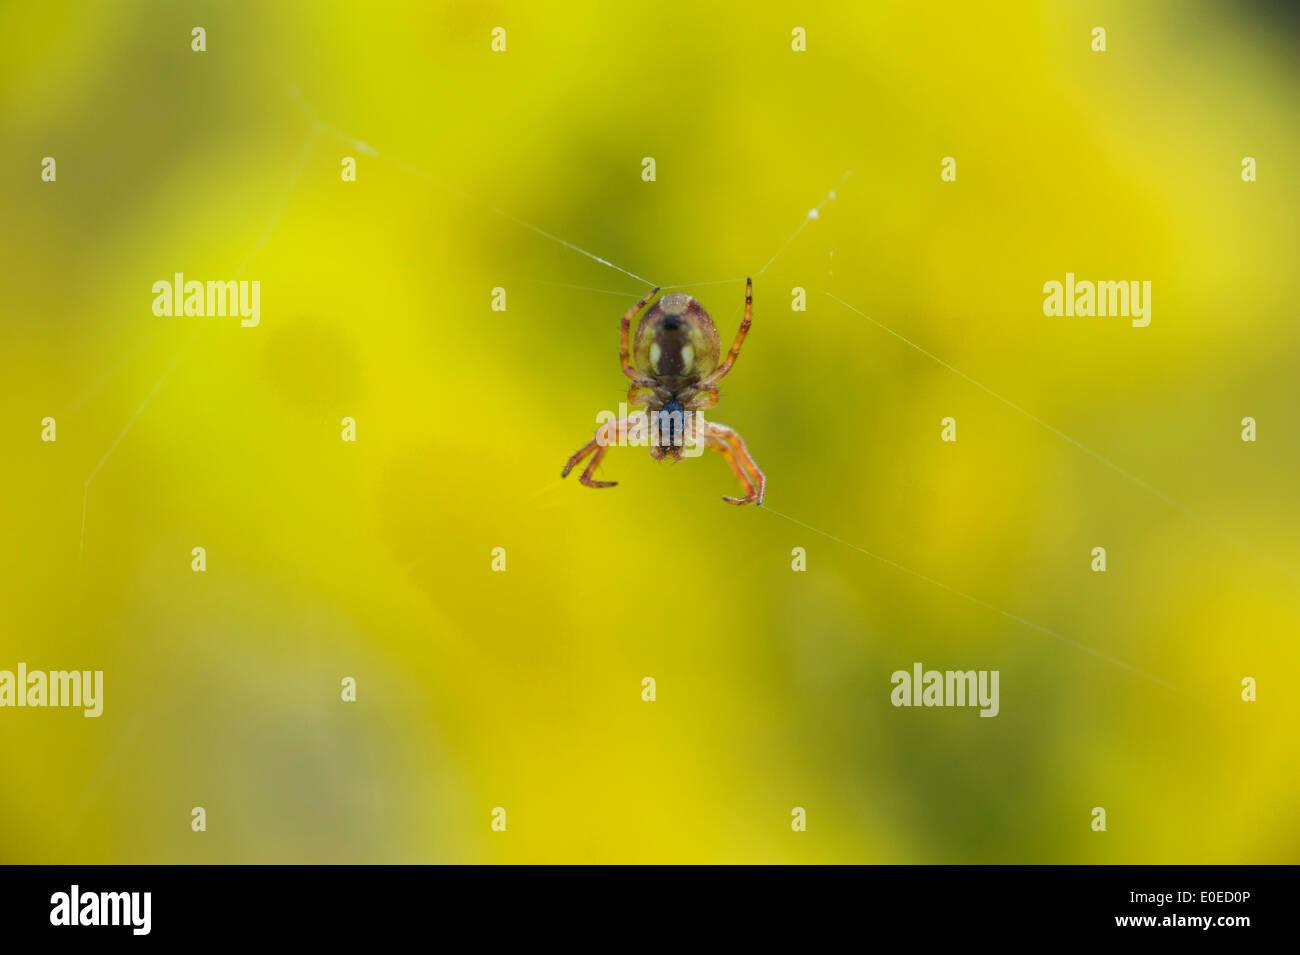 Sur Spider jeu web contre des problèmes de mise au point des fleurs de mimosa jaune Photo Stock